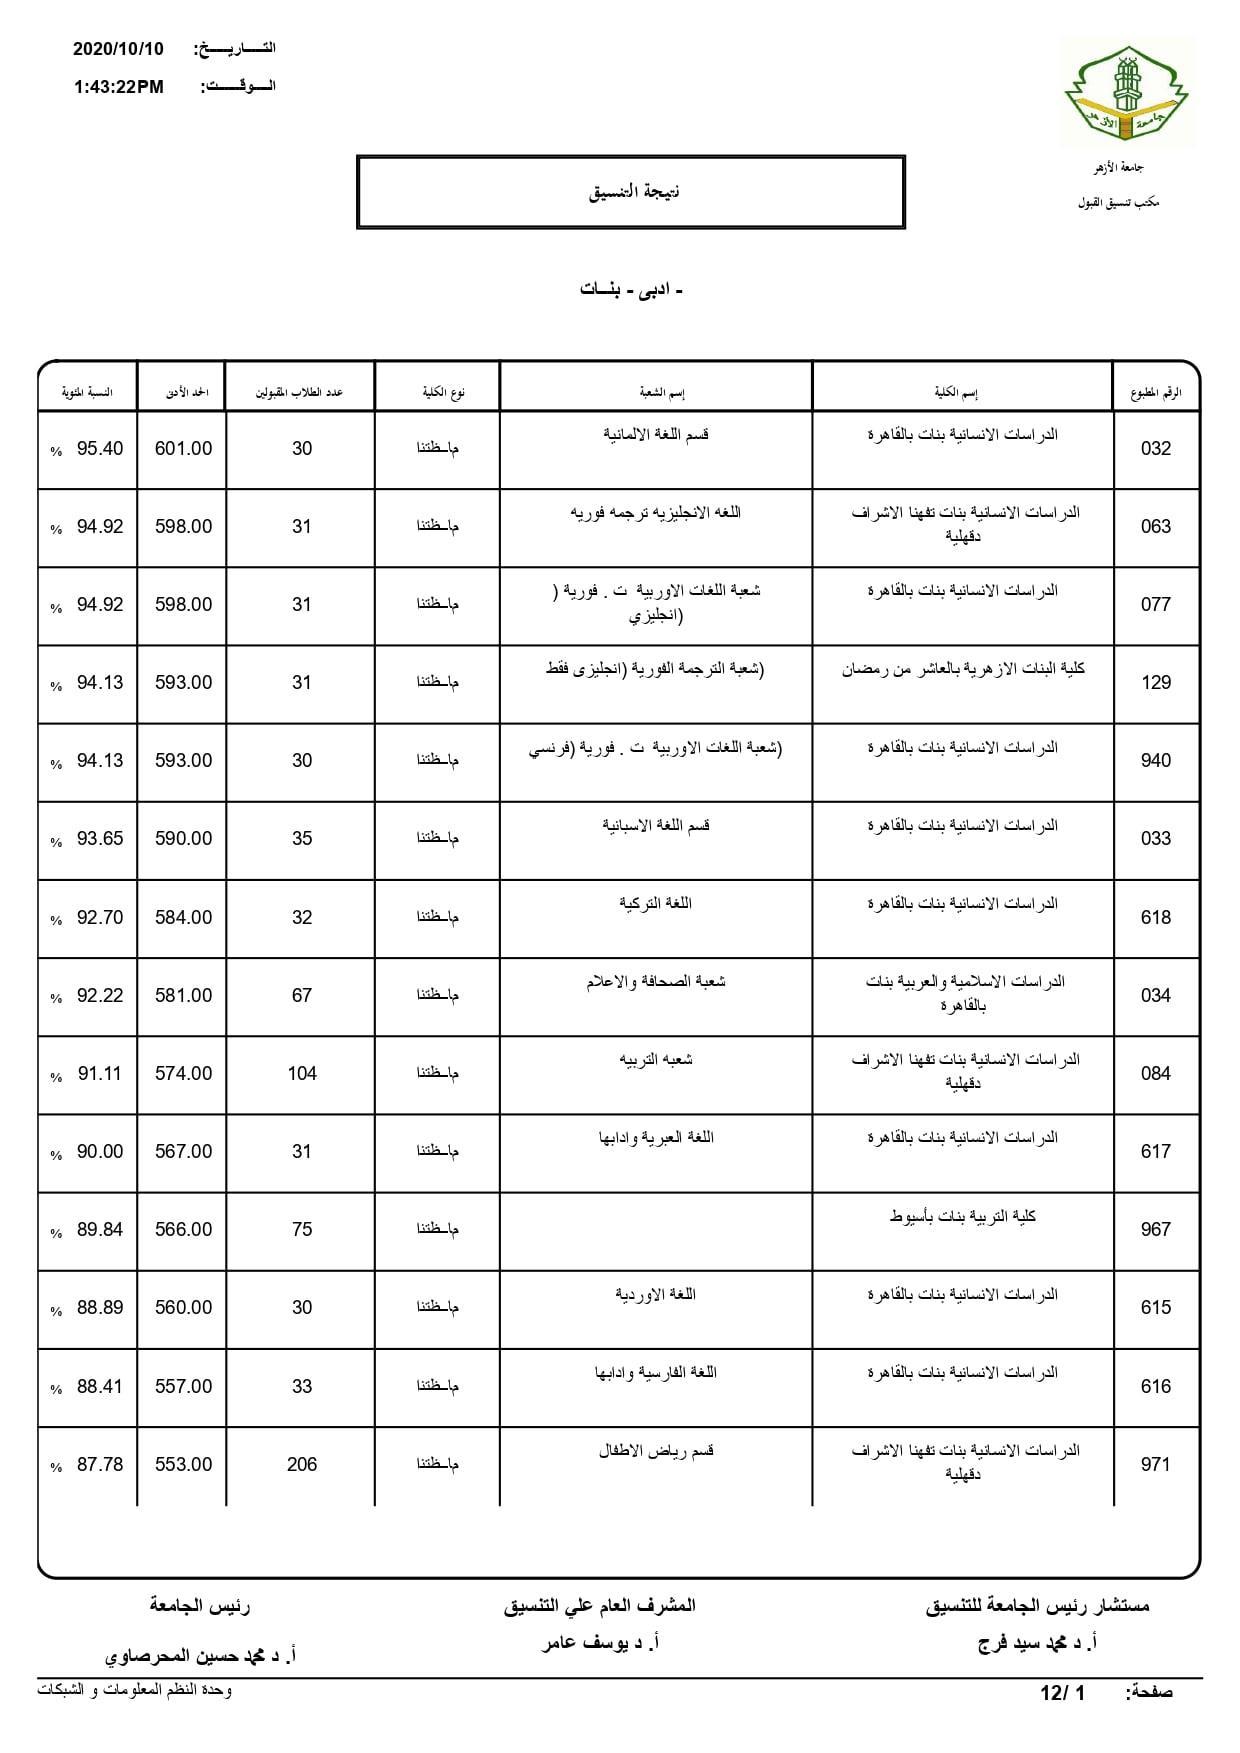 نتيجة تنسيق كليات جامعة الأزهر لعام 2020 بالكامل 20201010202434644